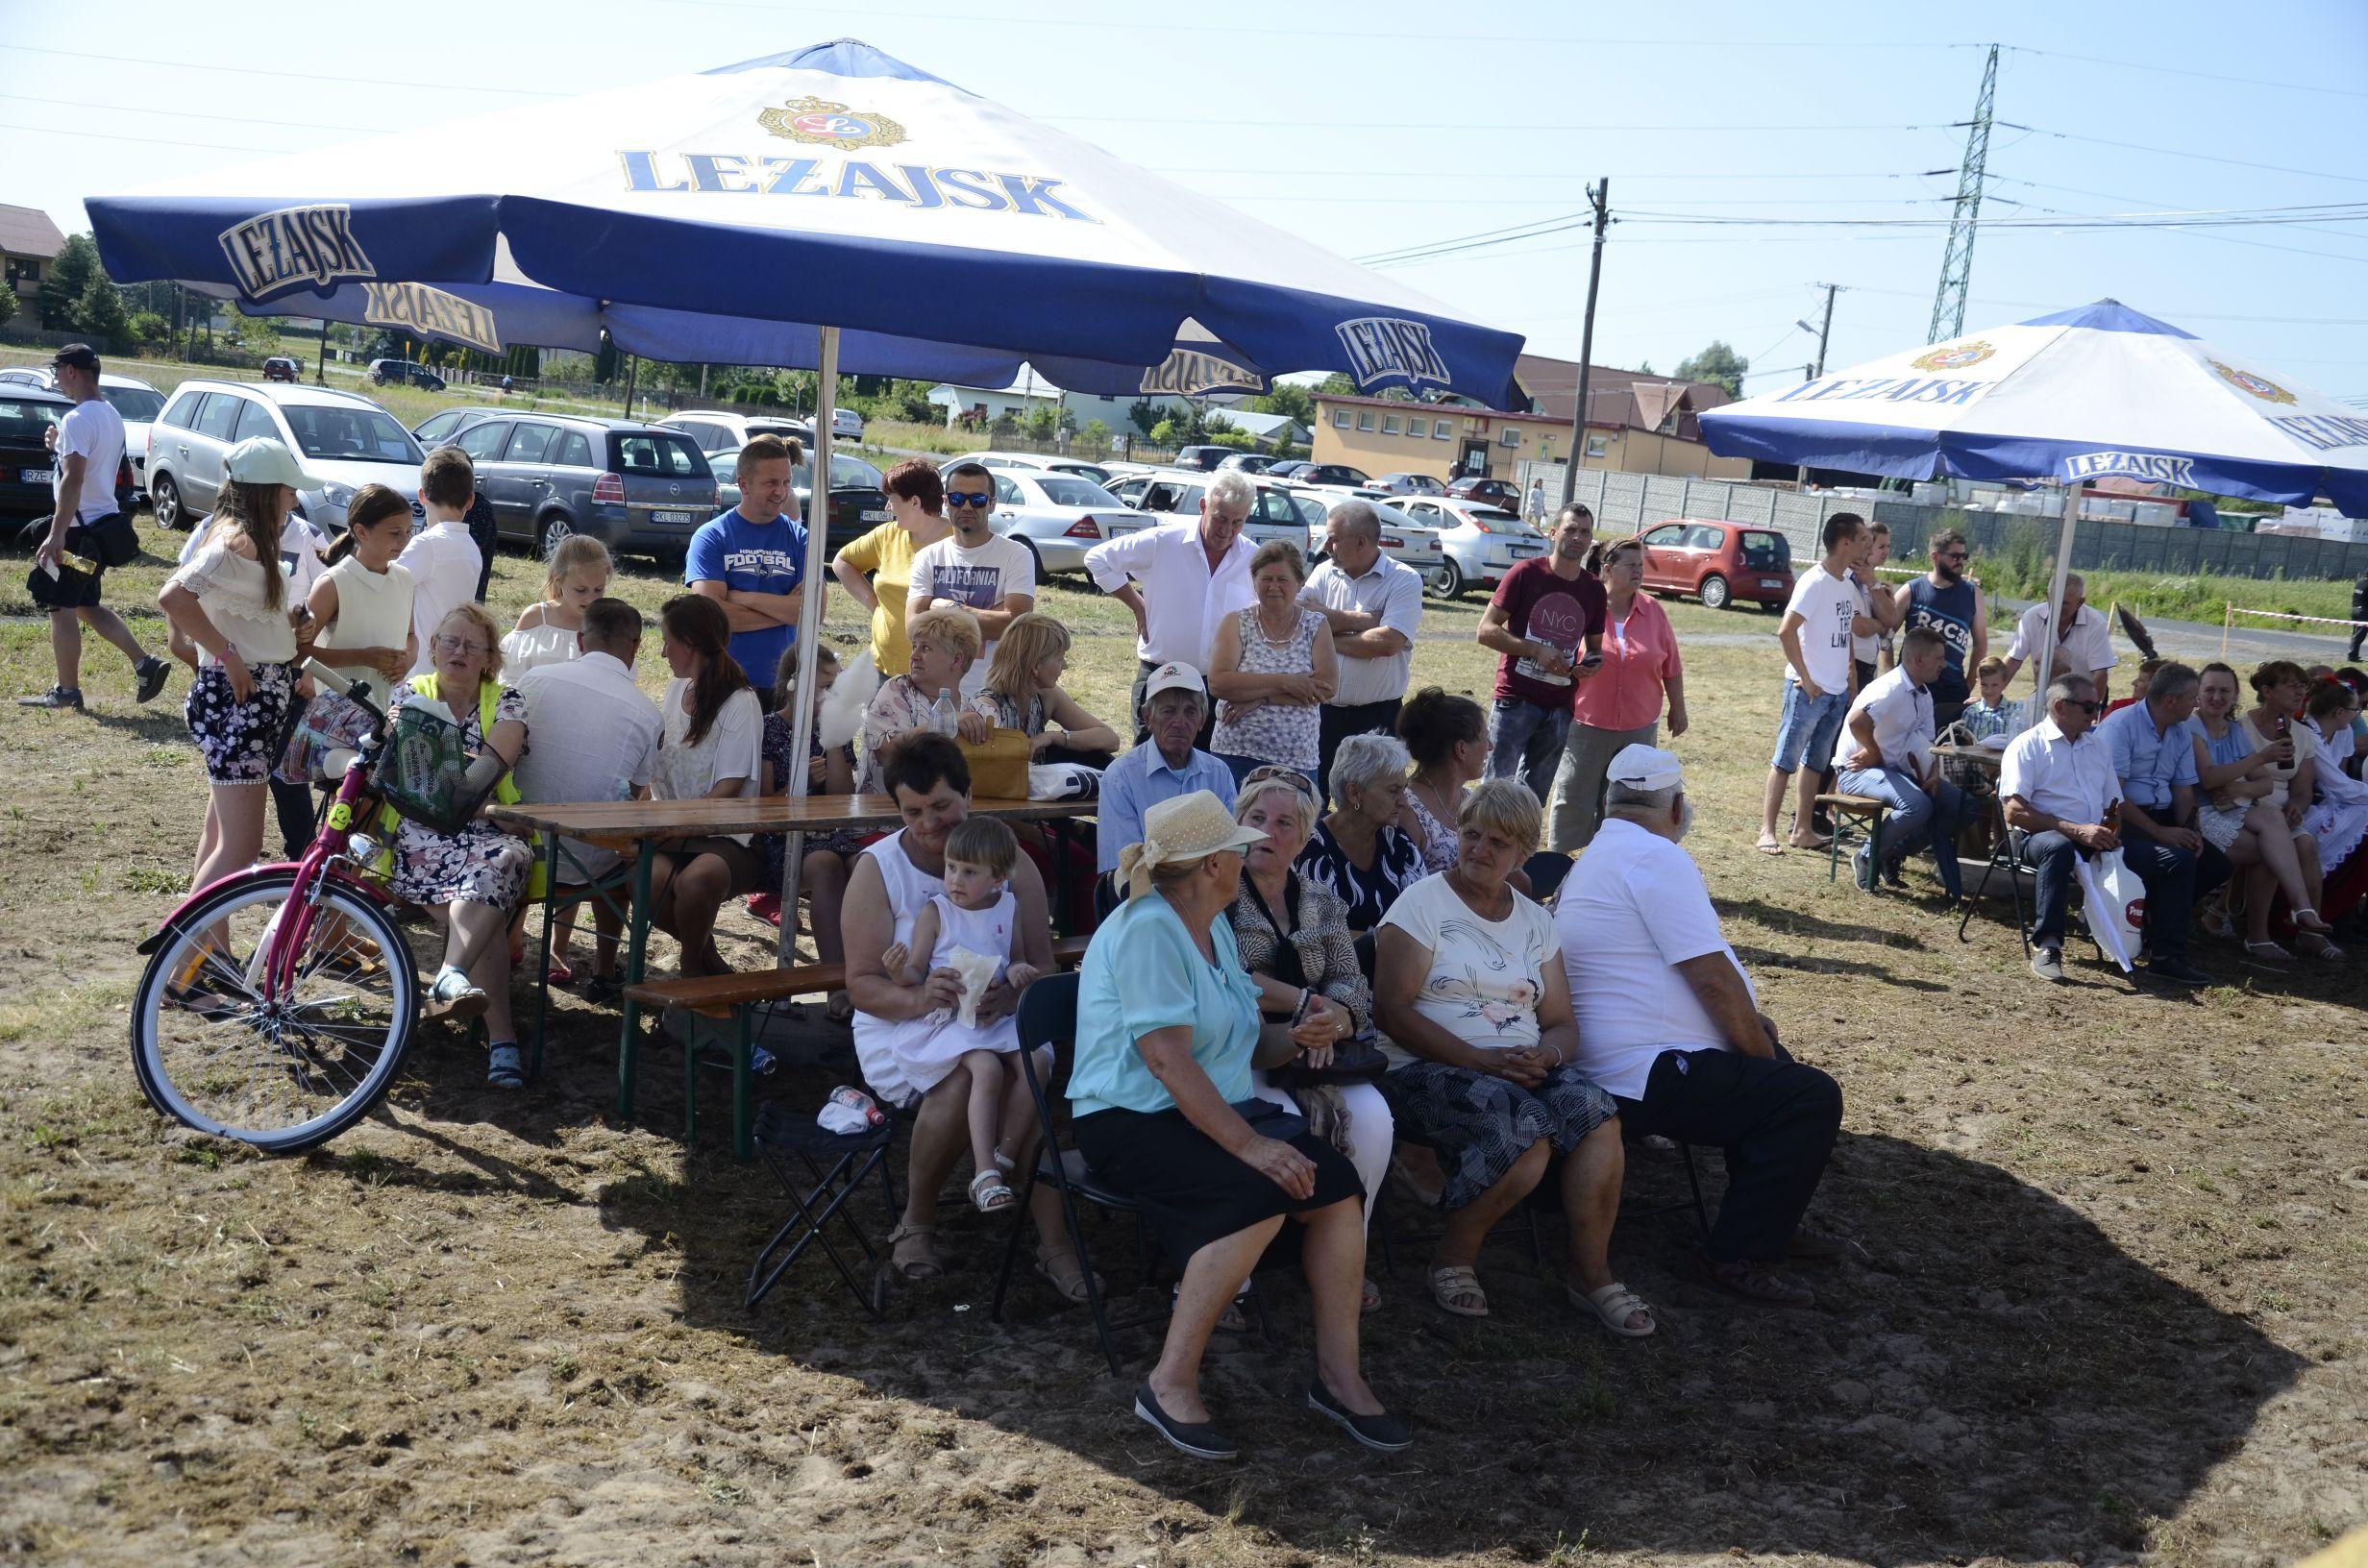 Gmina Raniżów. Zielonka świętowała 450 lat istnienia. Zobacz zdjęcia z imprezy  - Zdjęcie główne